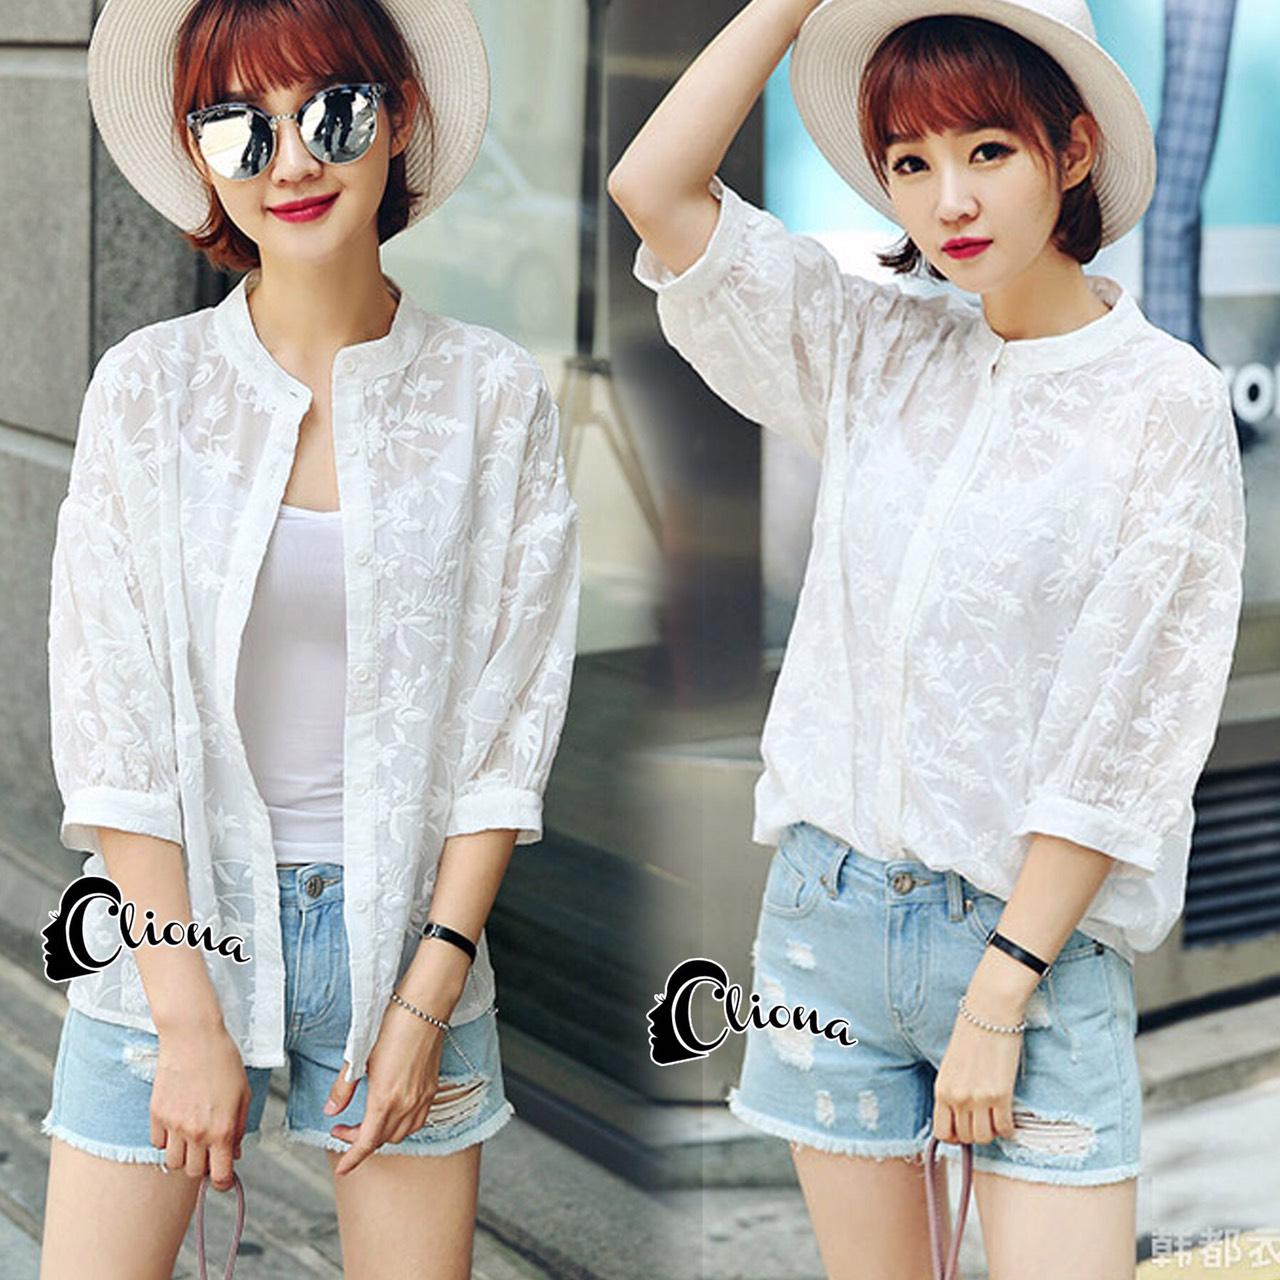 ทรงแขนพอง กระดุมหน้างานผ้าชีฟองปักลายขาว ทั้งตัวใส่กับกางเกงยีนขาสั้นก็น่ารัก เป็นเสื้อคลุมก็เก๋ งานเกรด Premium Quality by Cliona ค่ะ